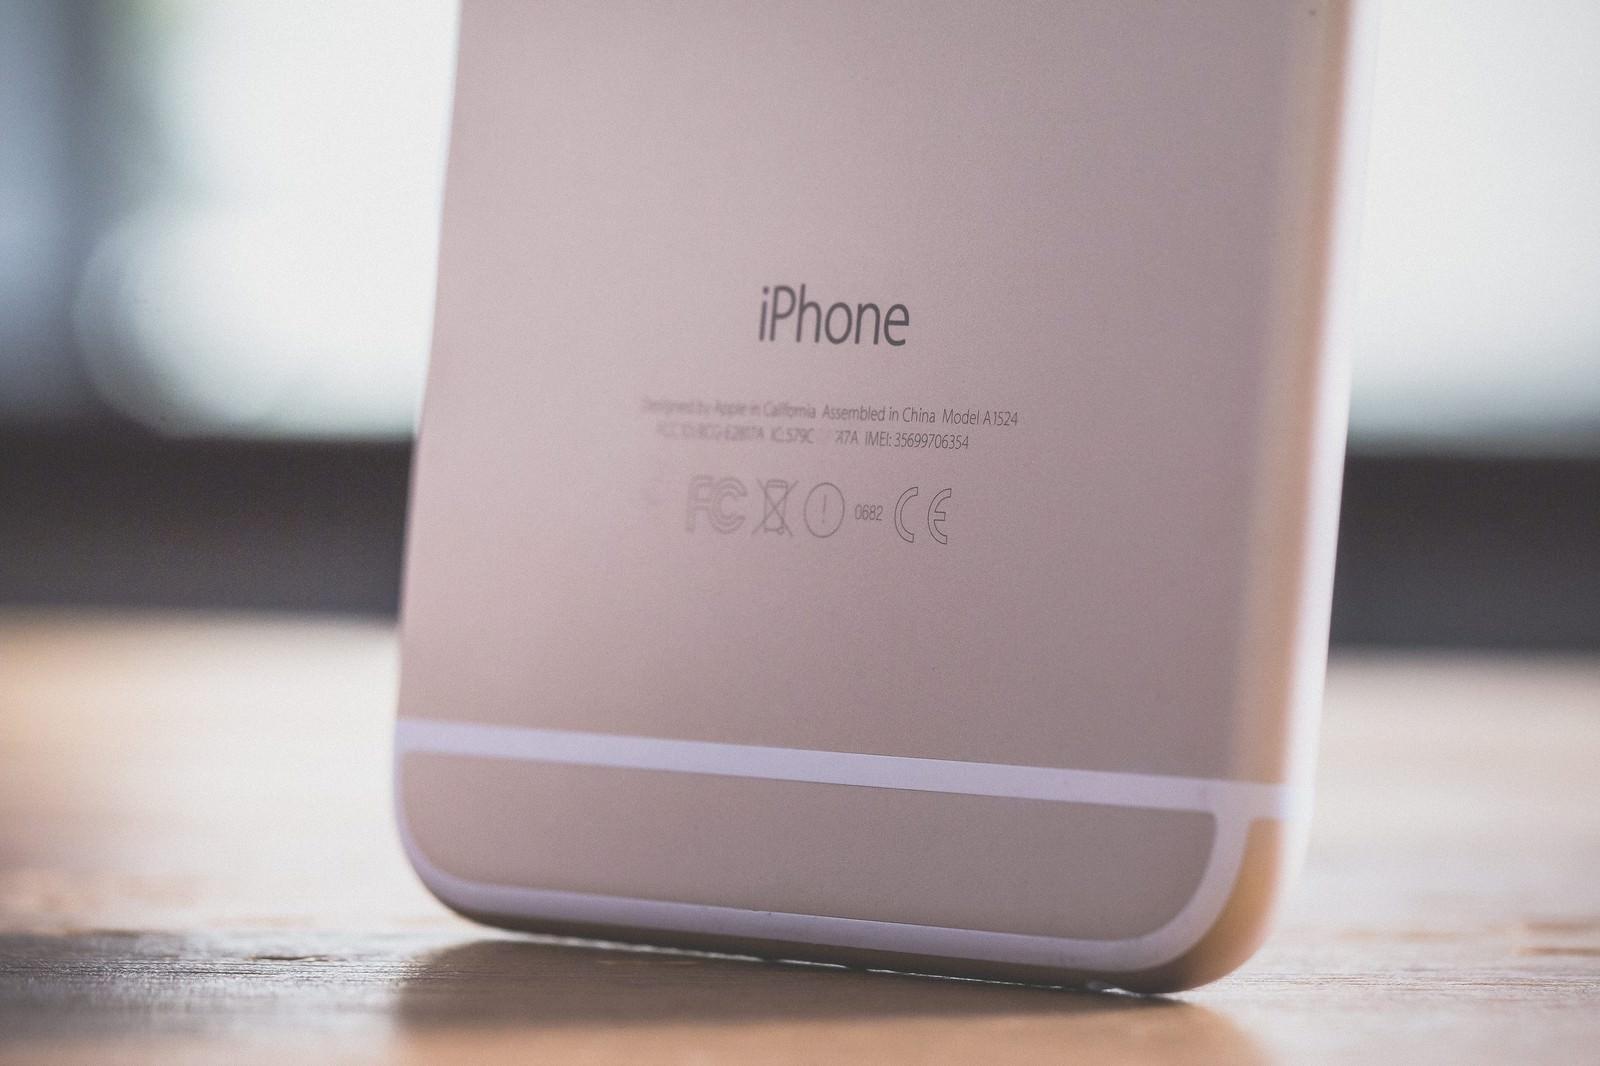 「スマートフォンのIMEI番号を確認スマートフォンのIMEI番号を確認」のフリー写真素材を拡大